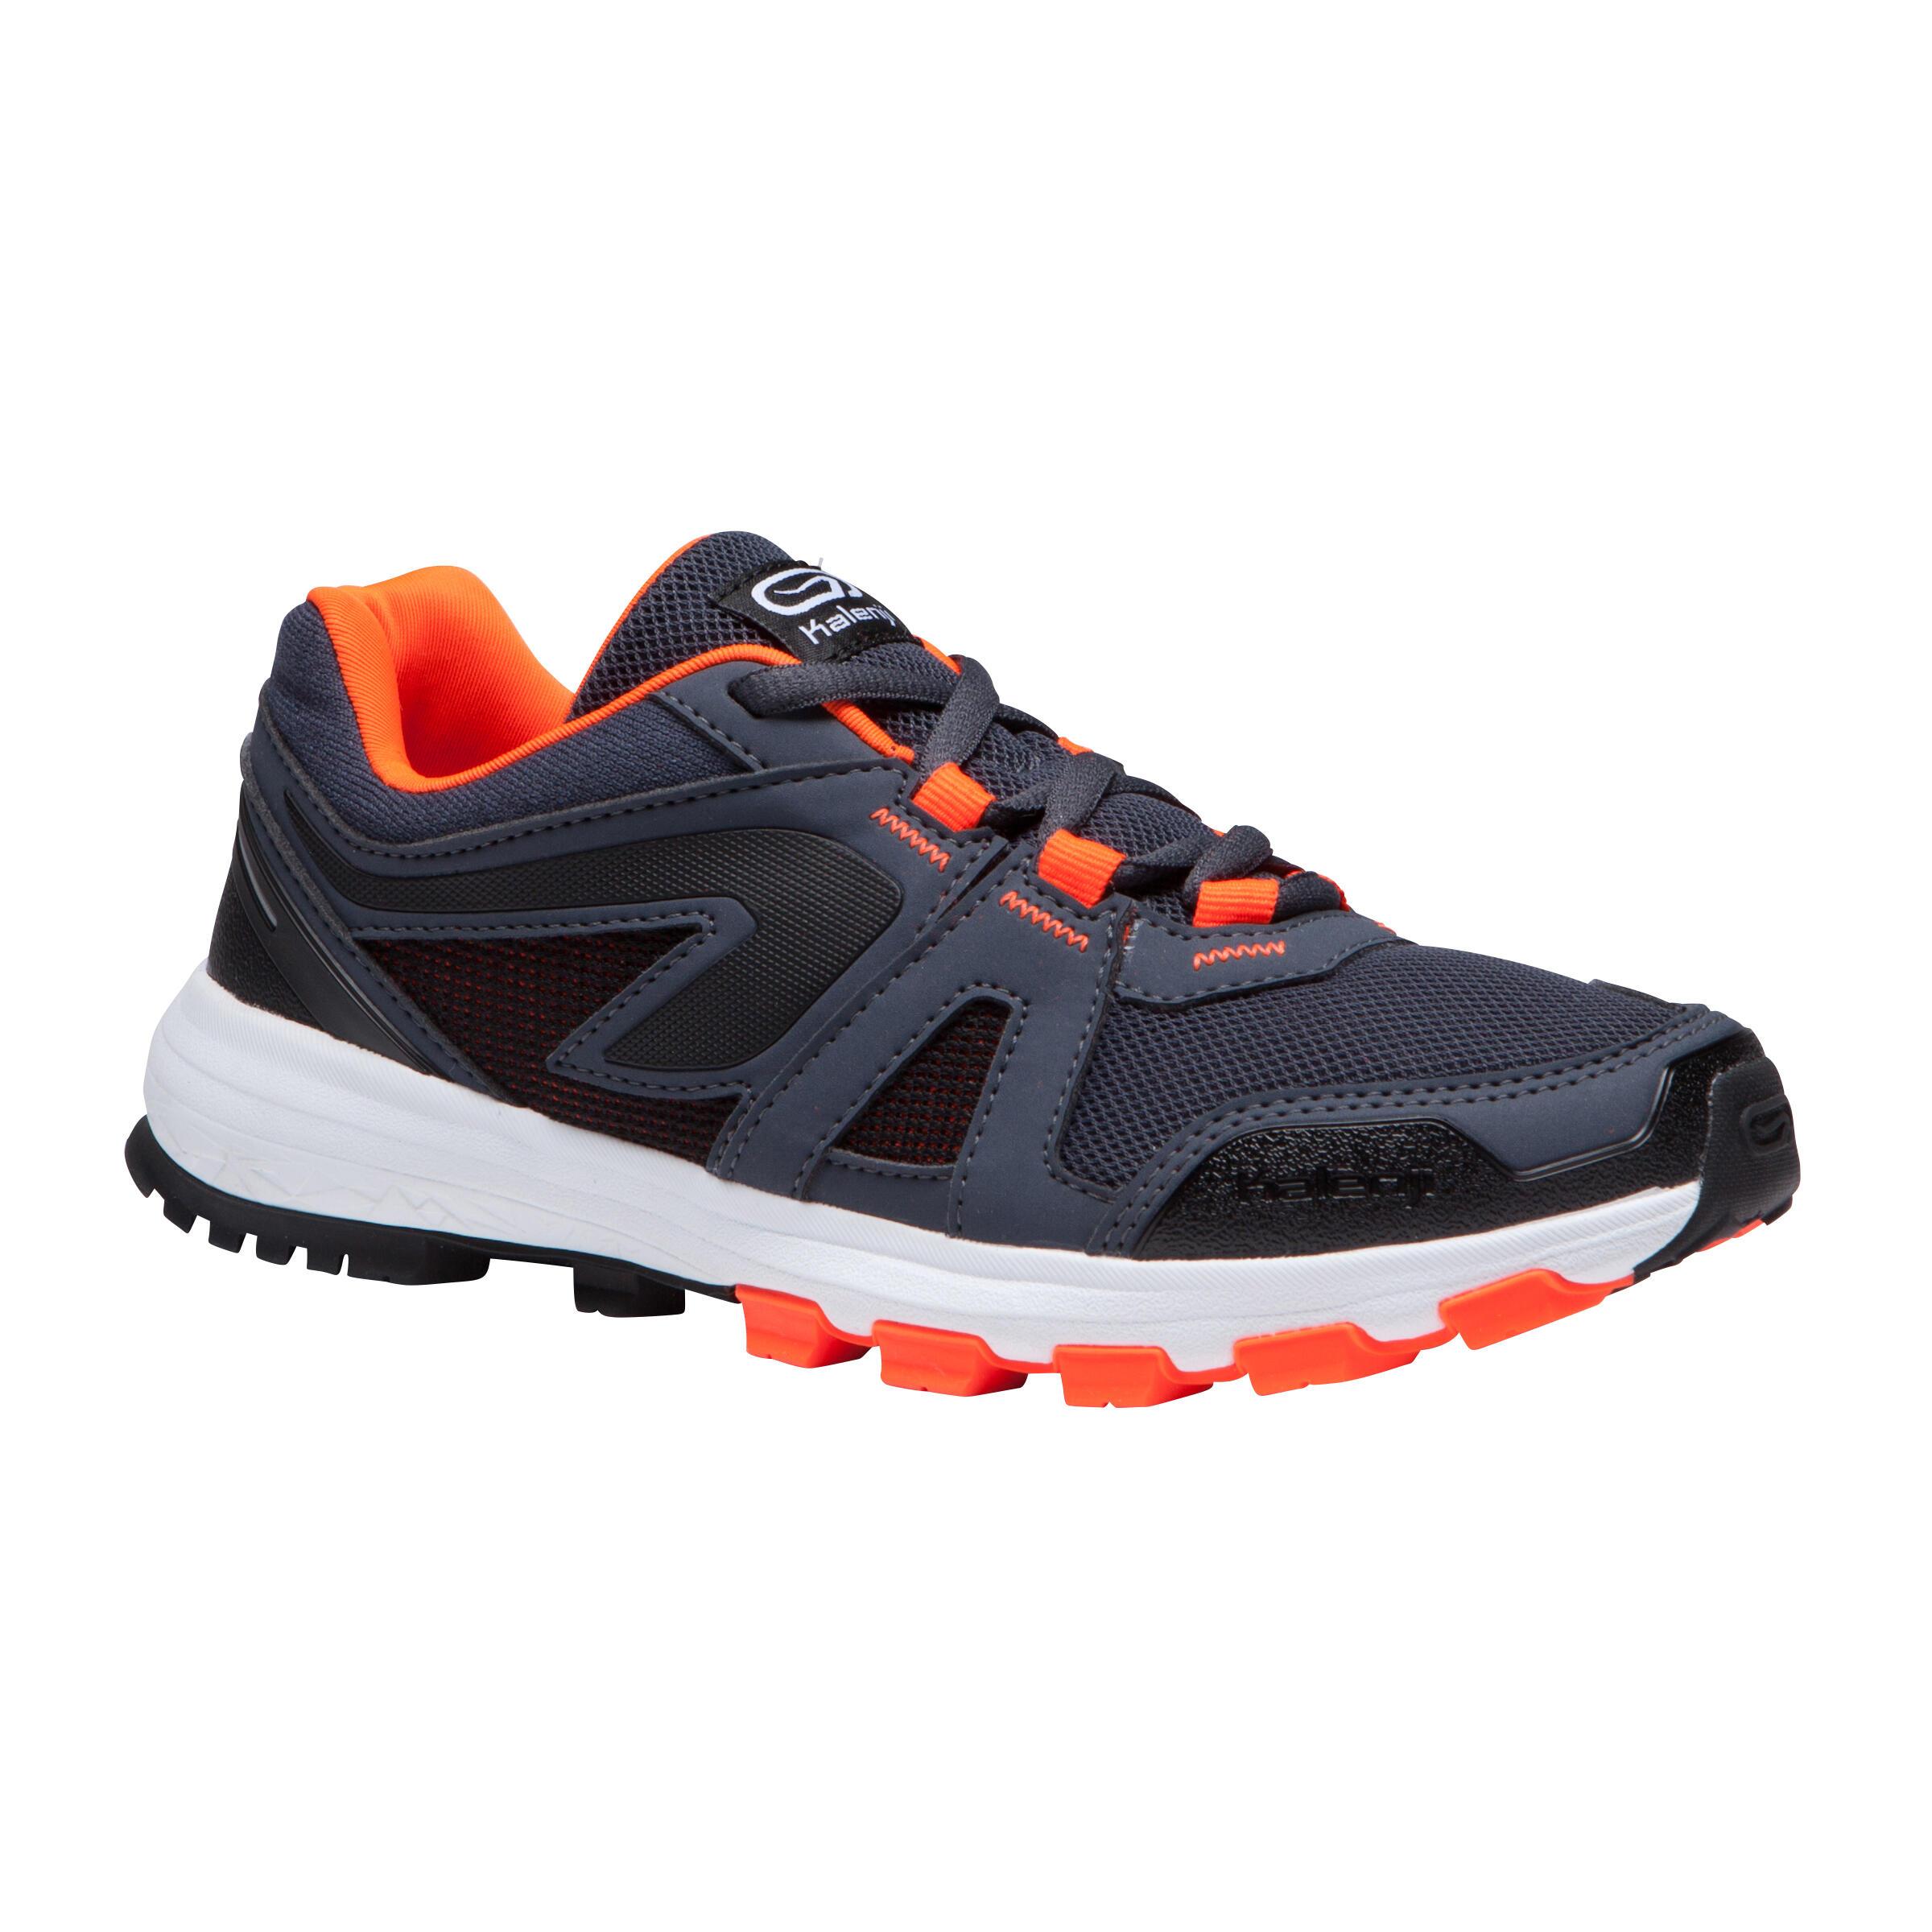 Jungen,Kinder,Kinder Laufschuhe Kiprun Grip Leichtathletik Kinder grau schwarz neonorange | 03608429785415